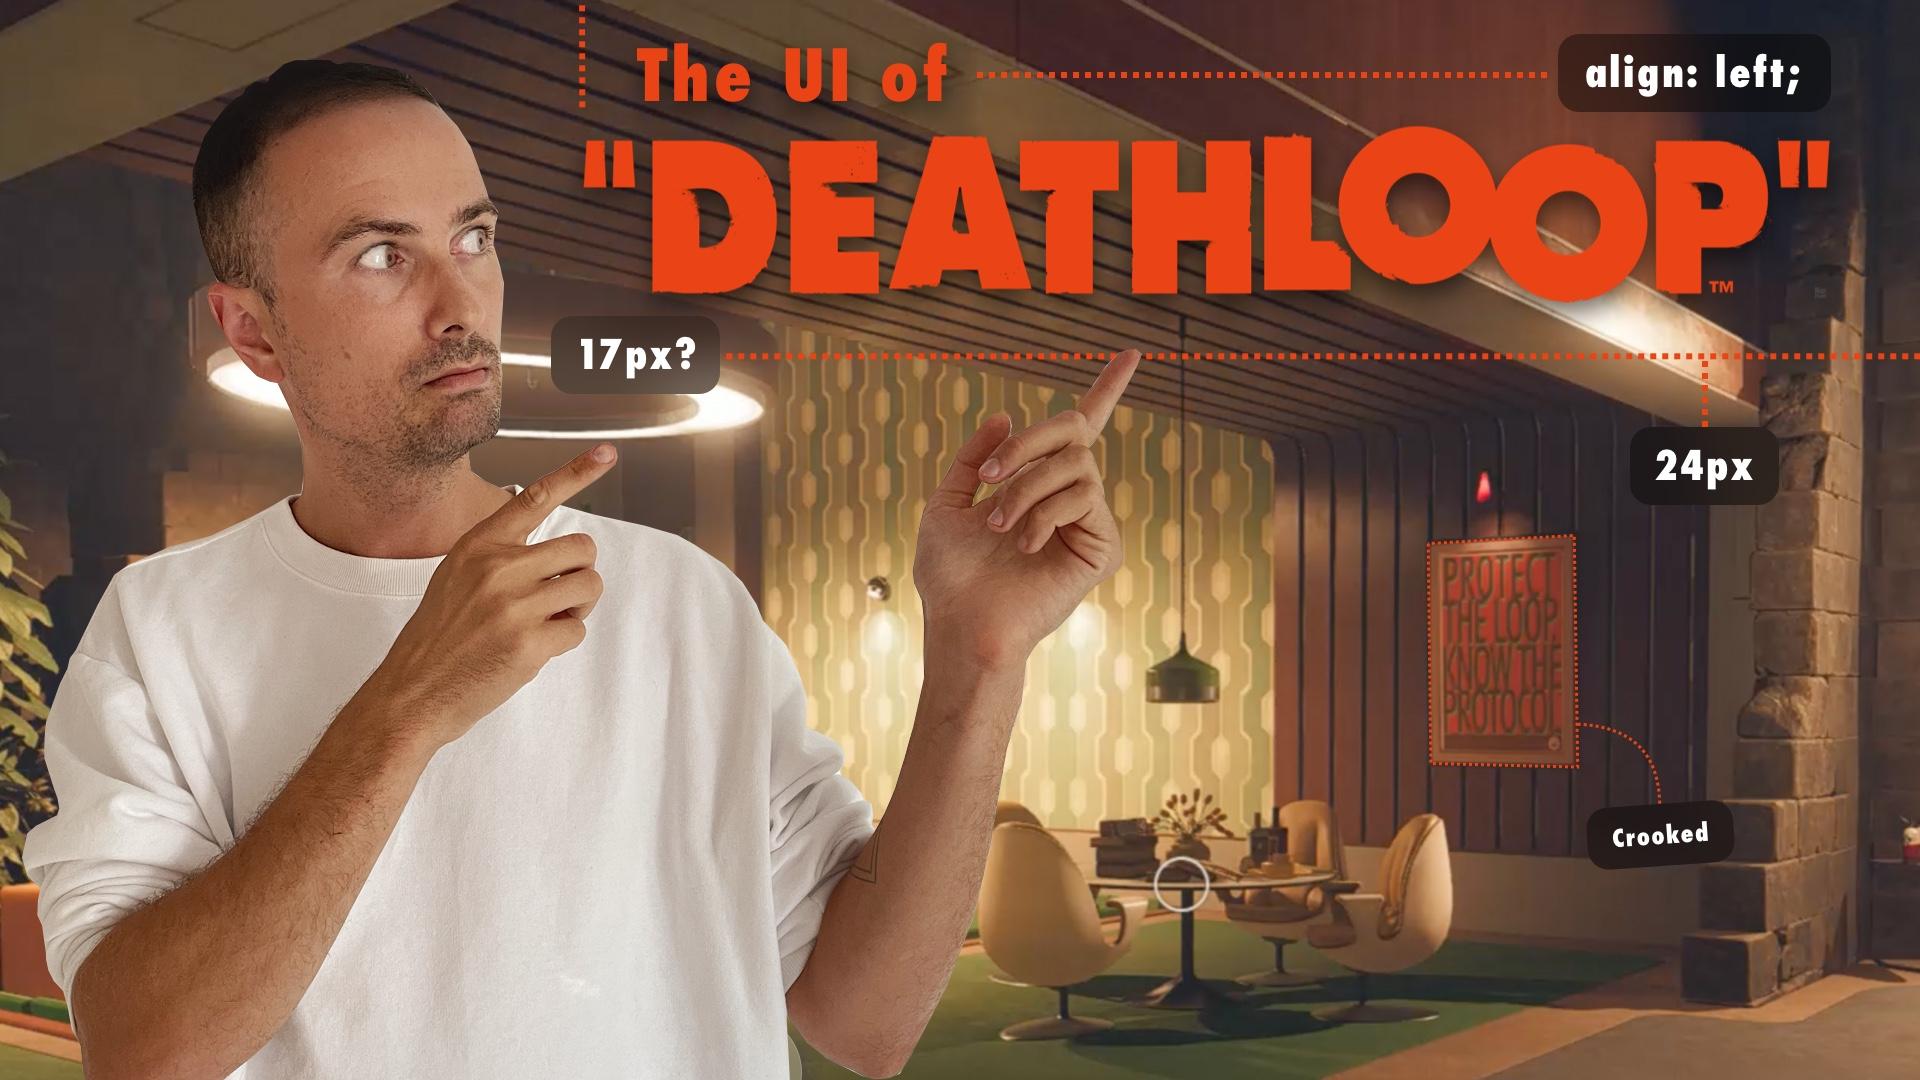 Deathloop-UI in videogames